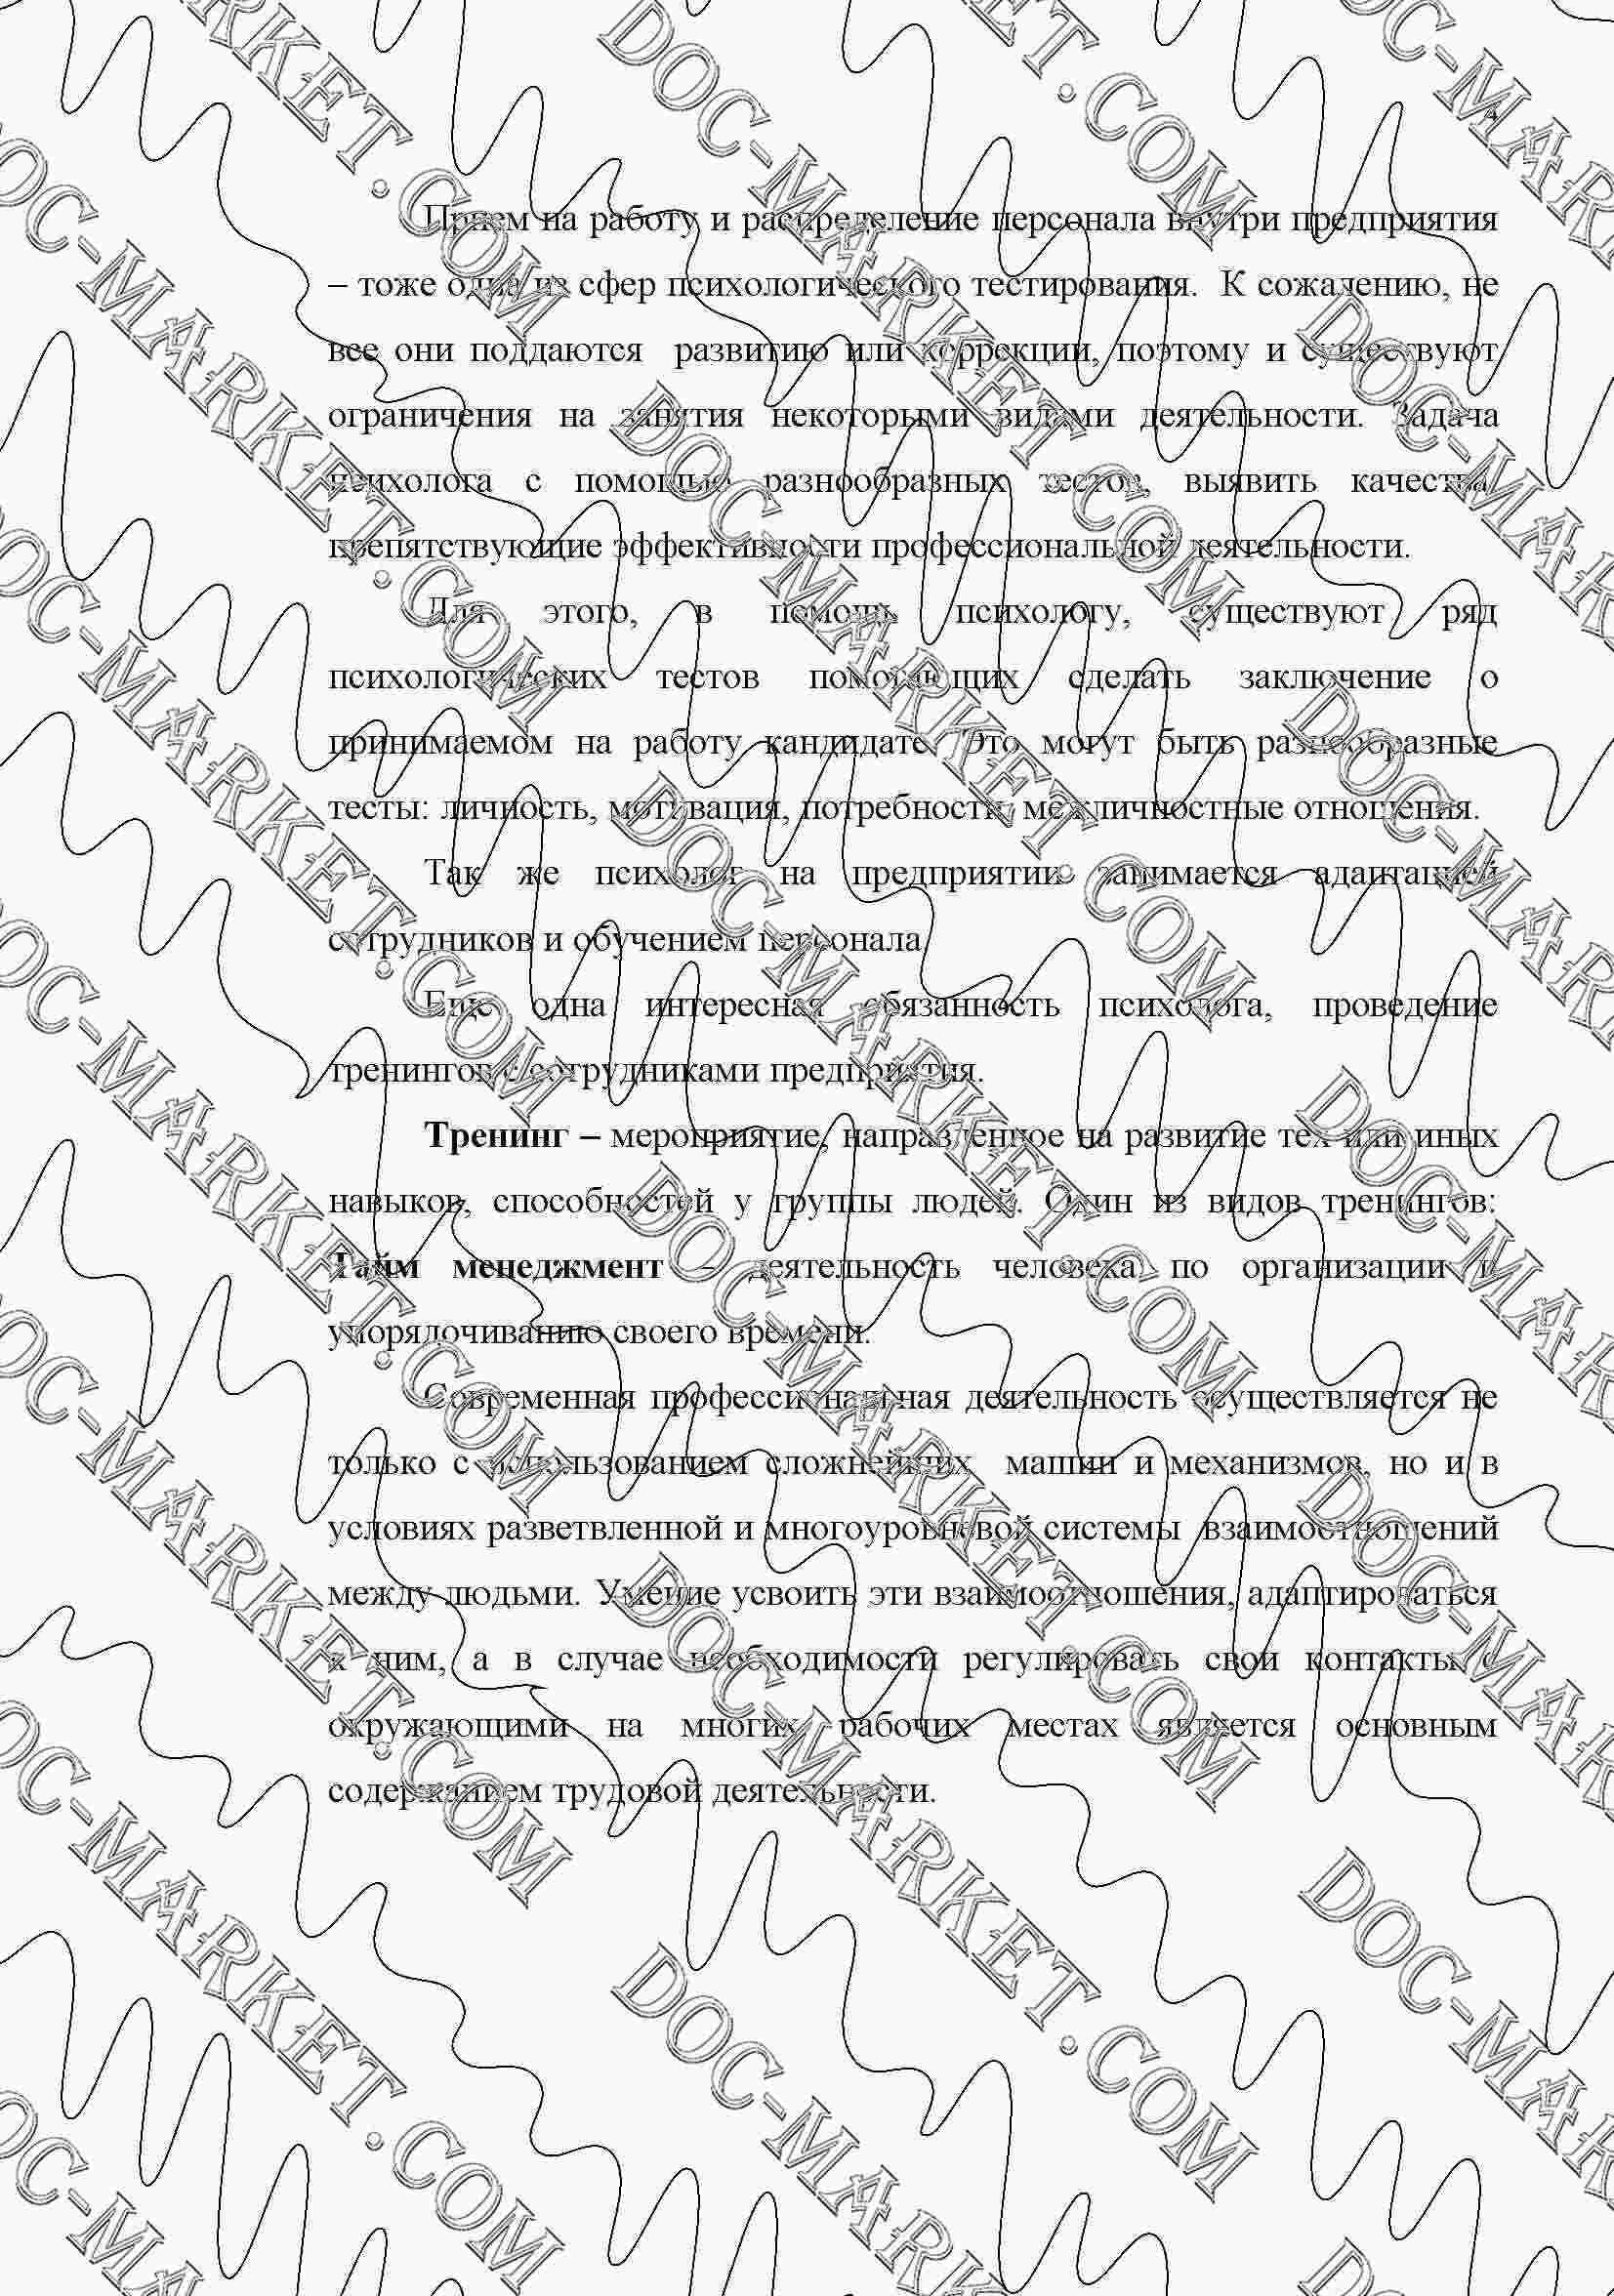 Другая Отчет по Учебно ознакомительной практике работа  отчет по ознакомительной практике психолога